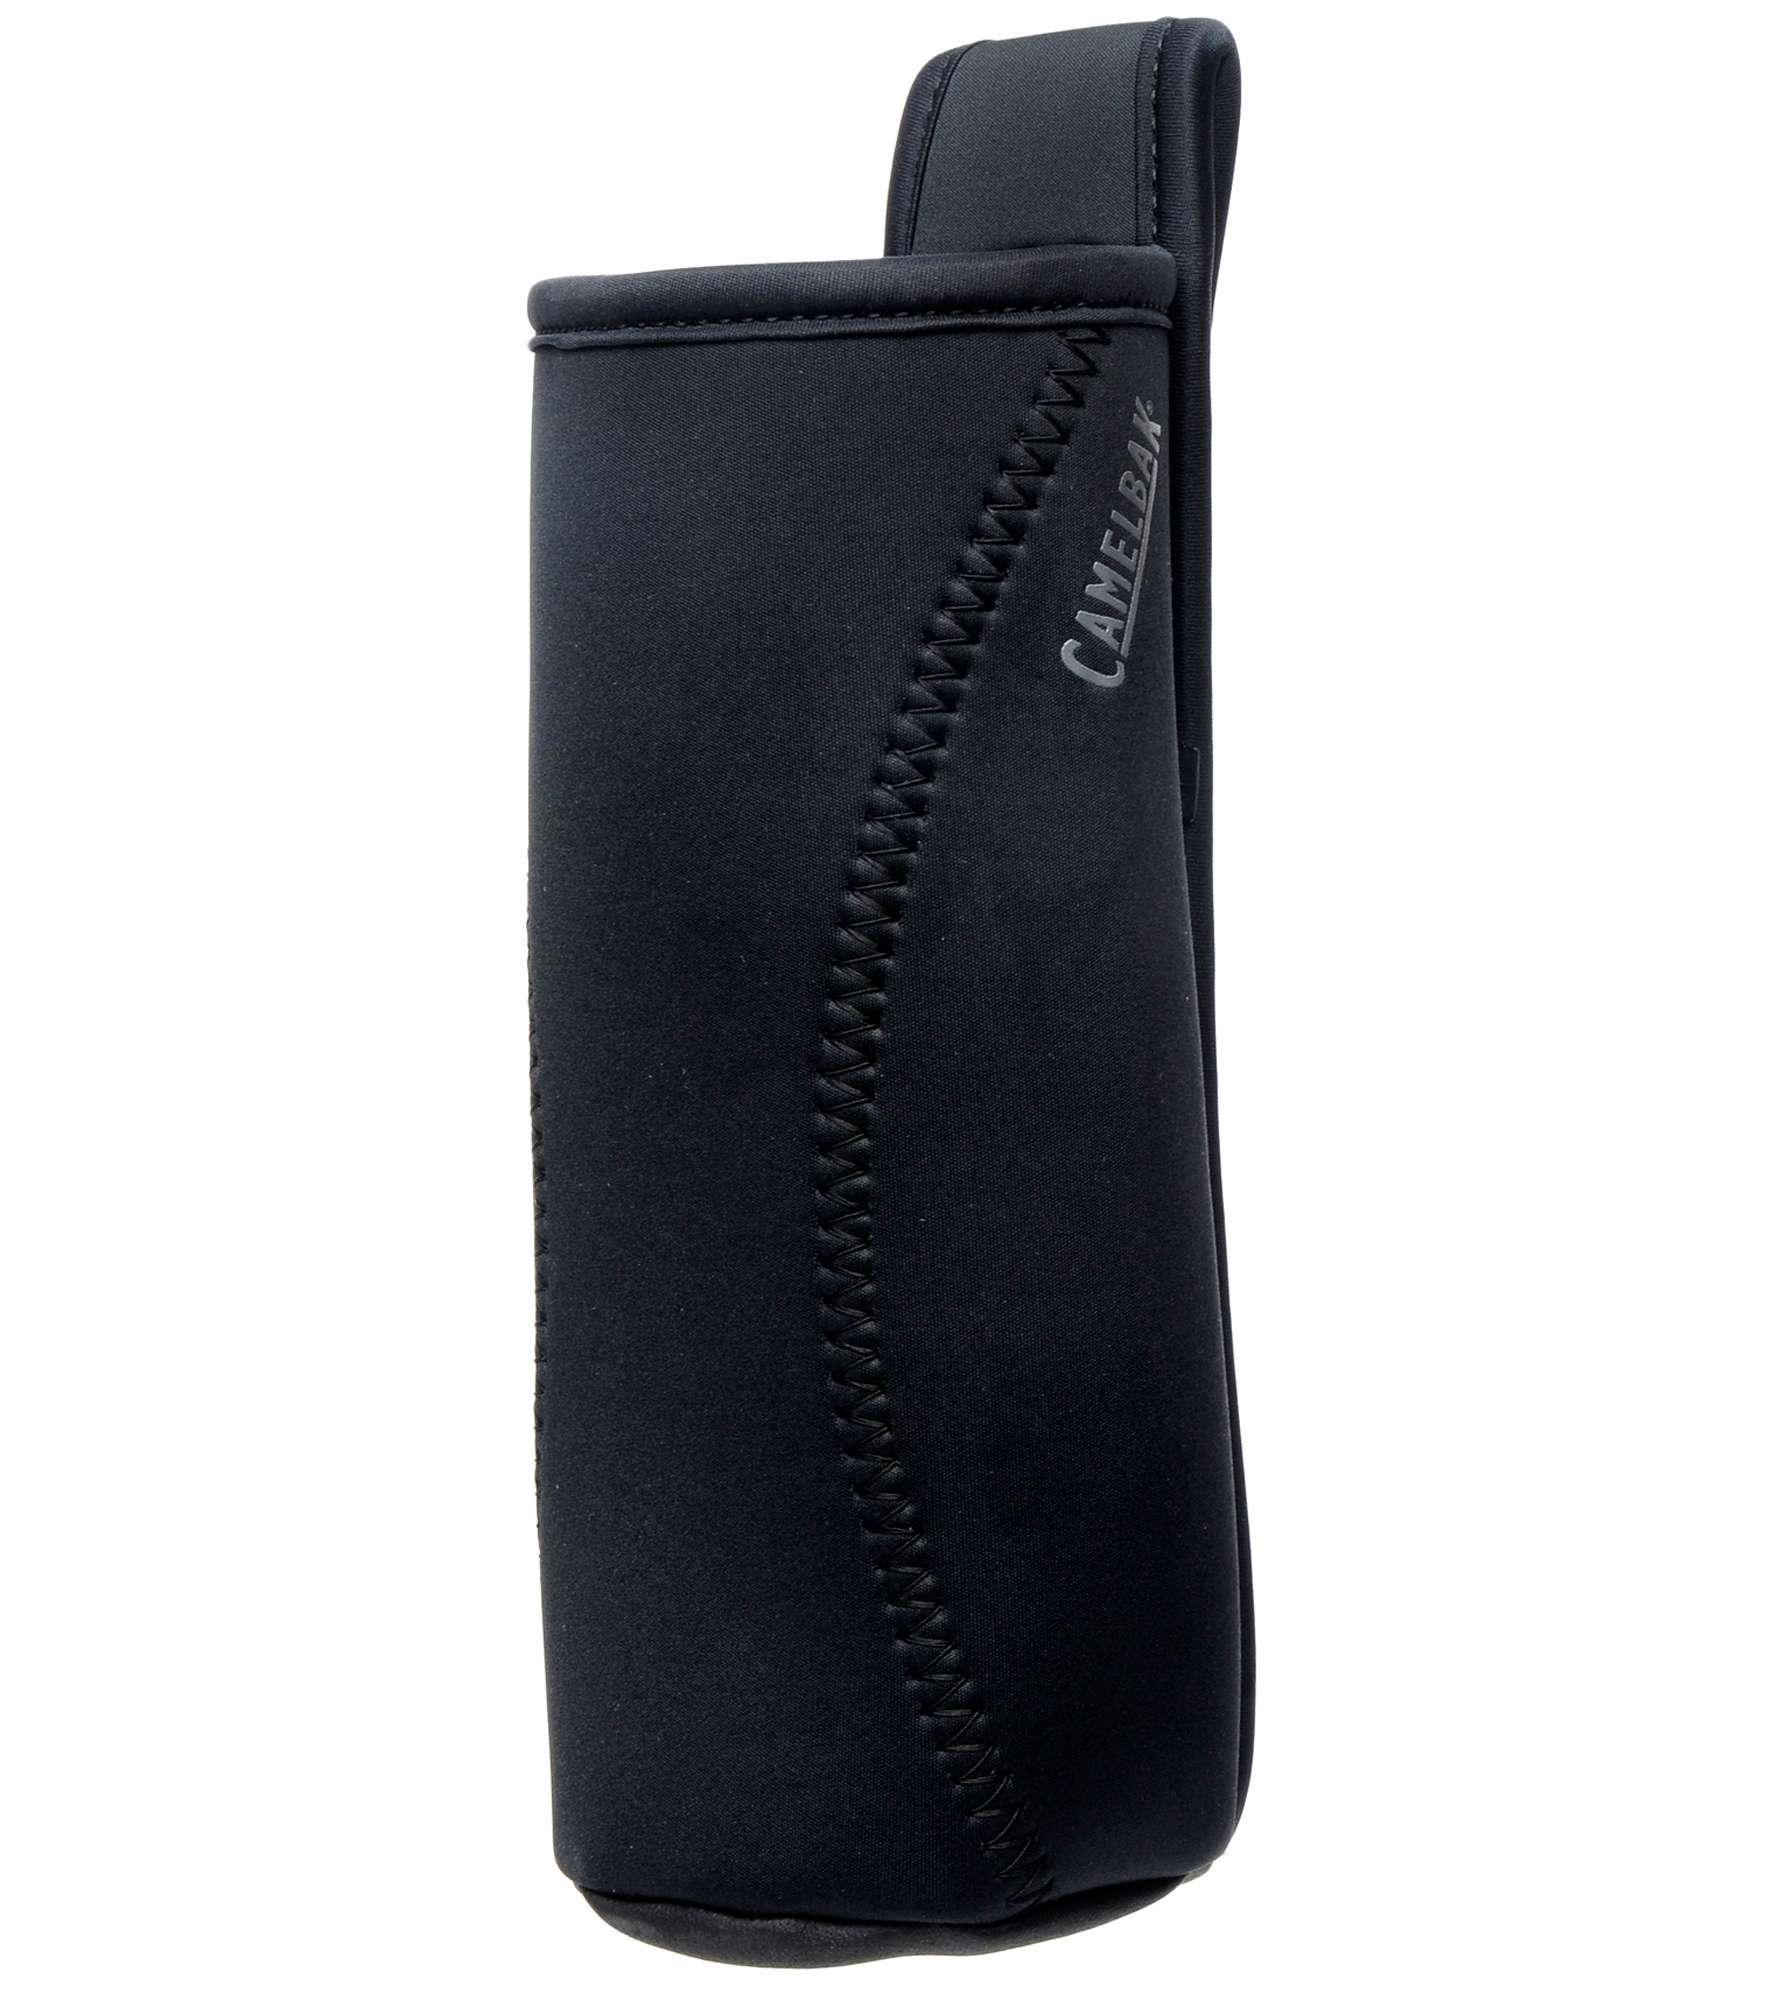 CAMELBAK Insulated Bottle Sleeve